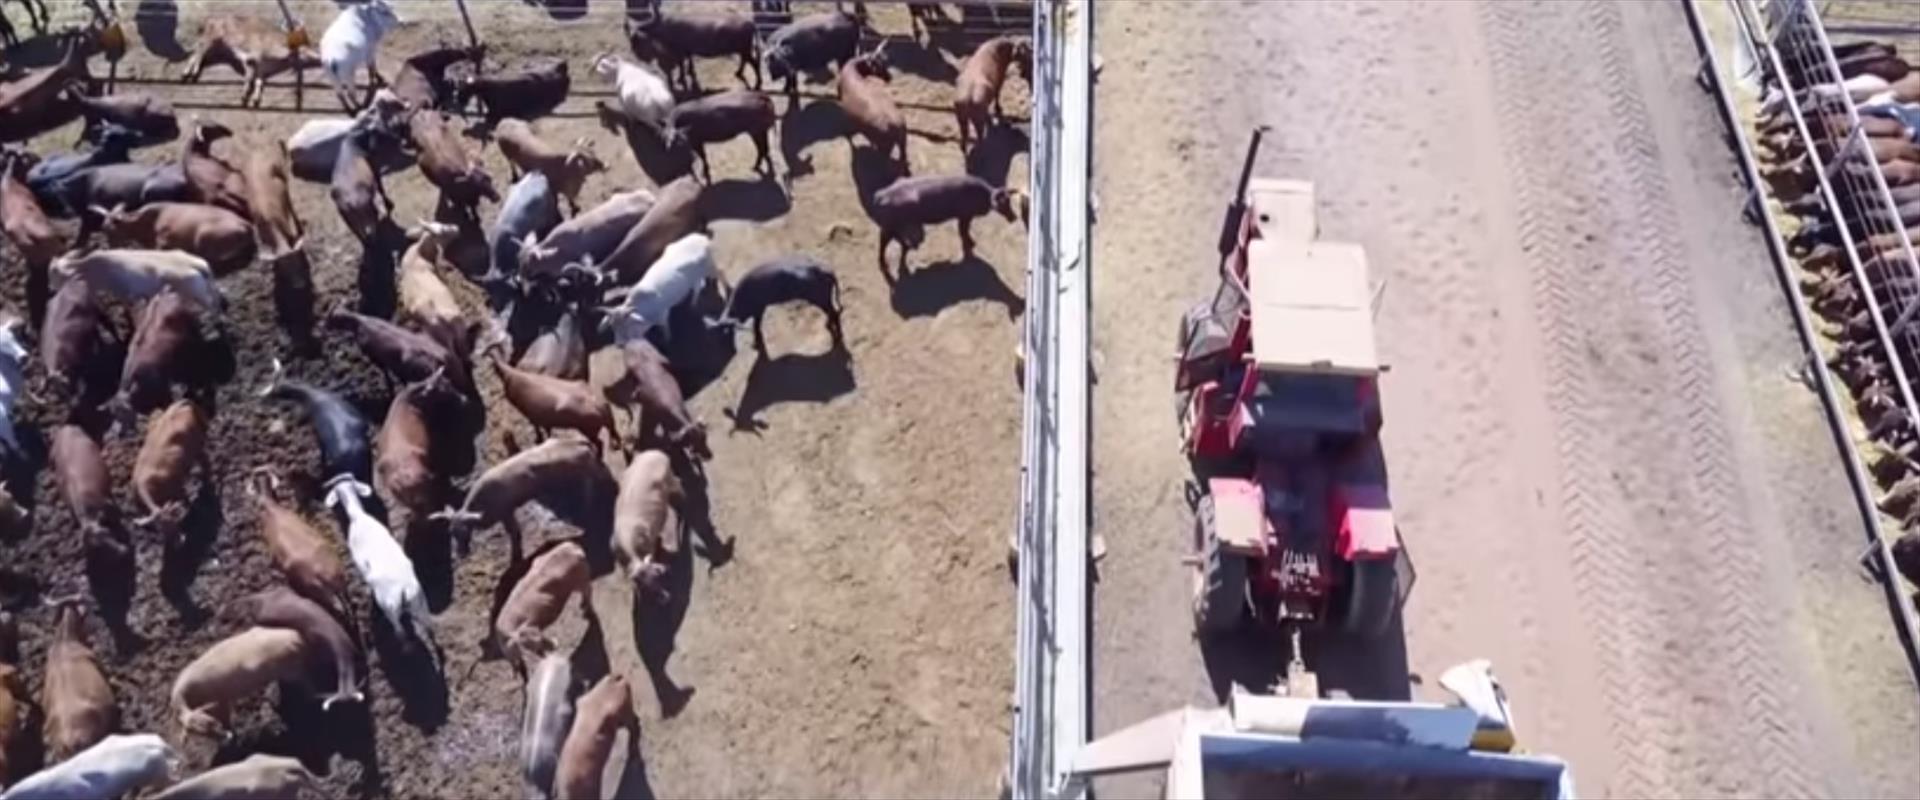 חוות בקר באוסטרליה, בה תועדה התעללות בתחקיר כאן חד